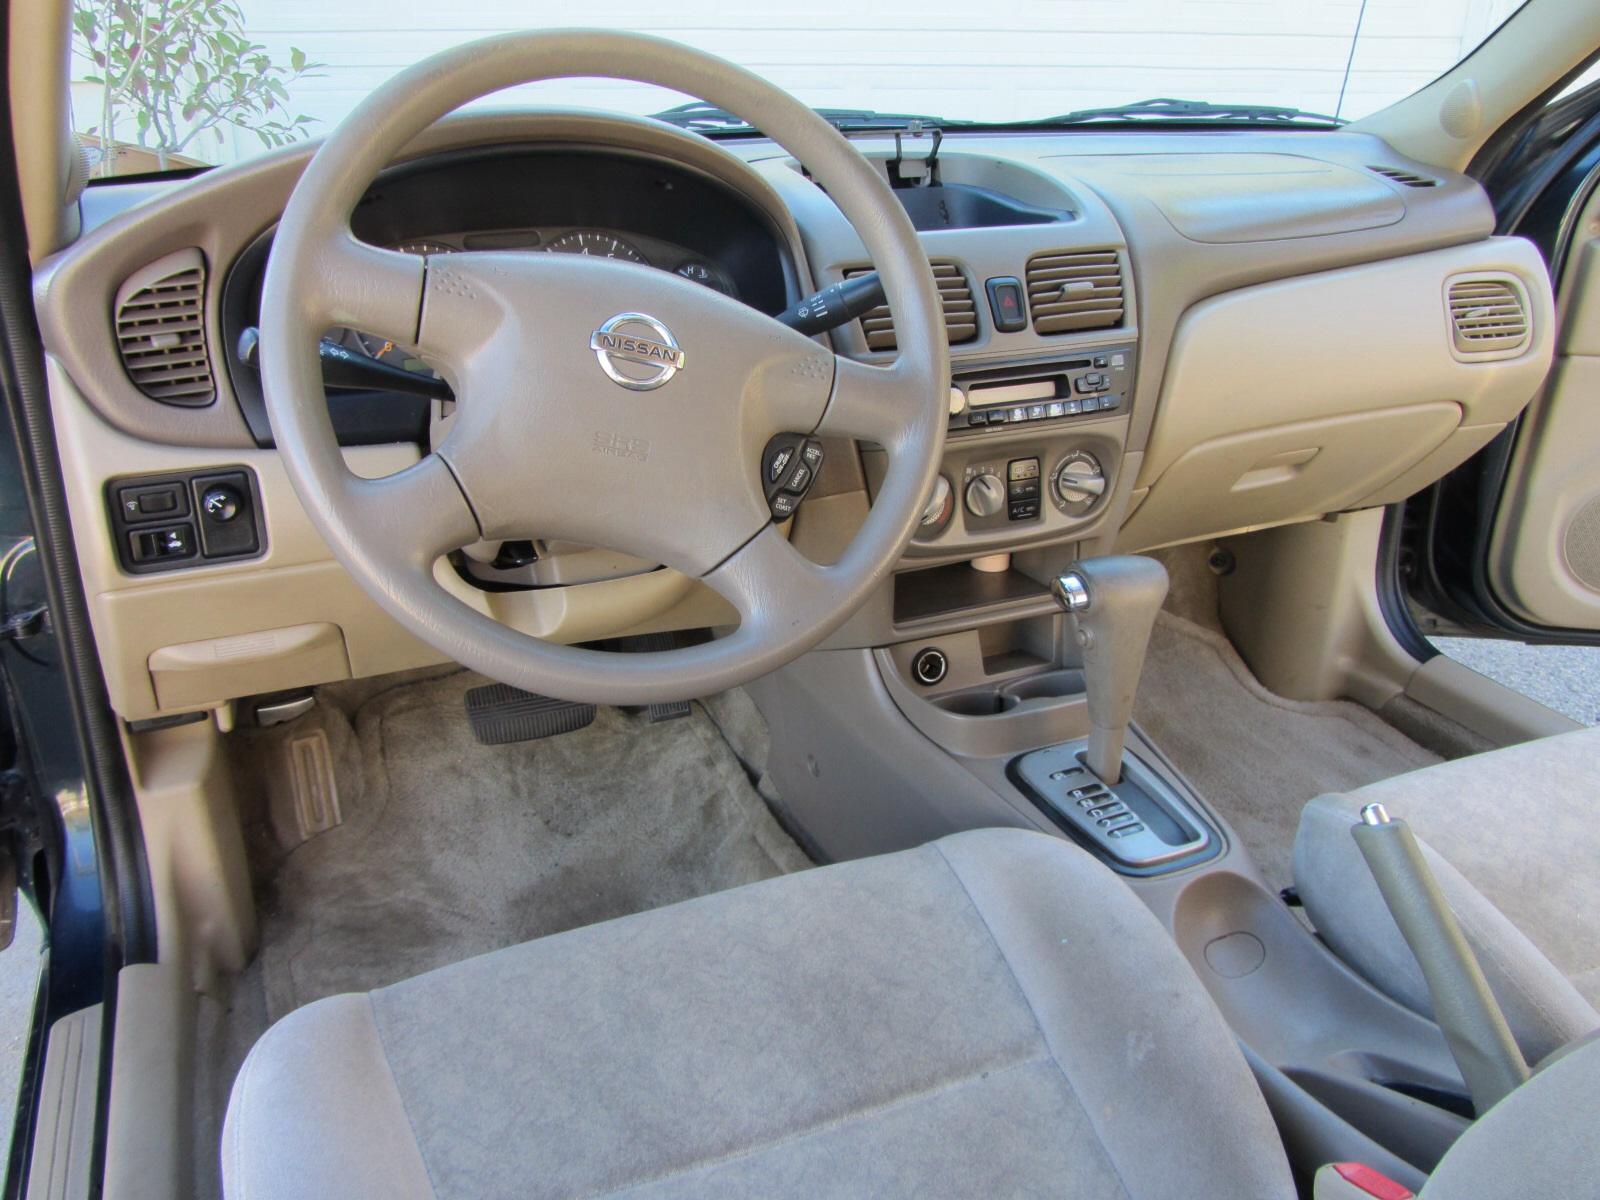 2003 Nissan Sentra - Pictures - CarGurus